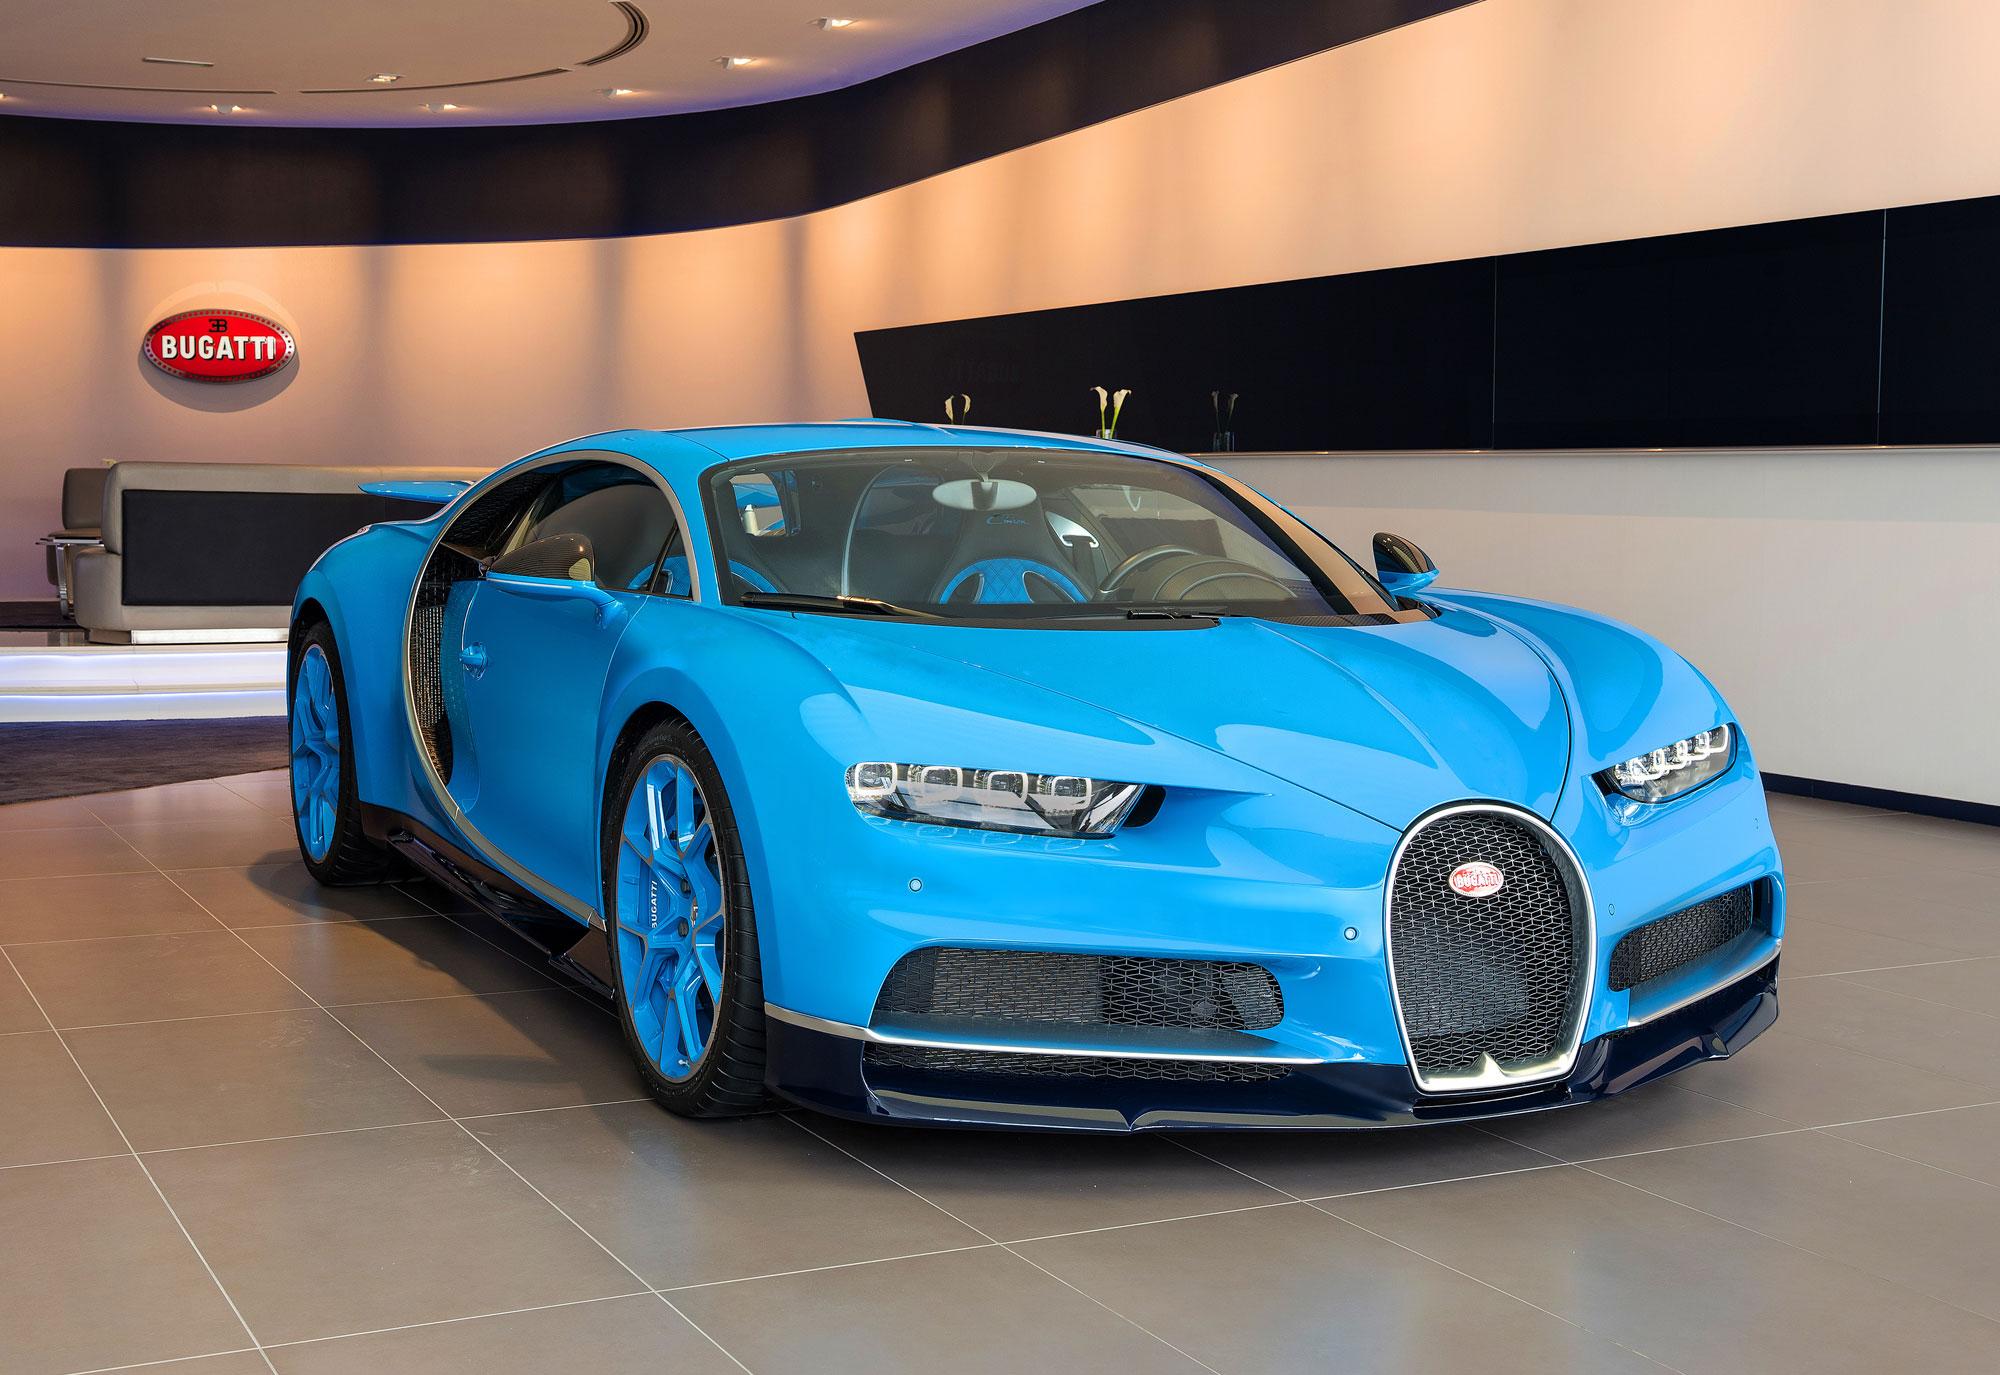 01_Showroom_Bugatti_UAE_Dubai.jpg